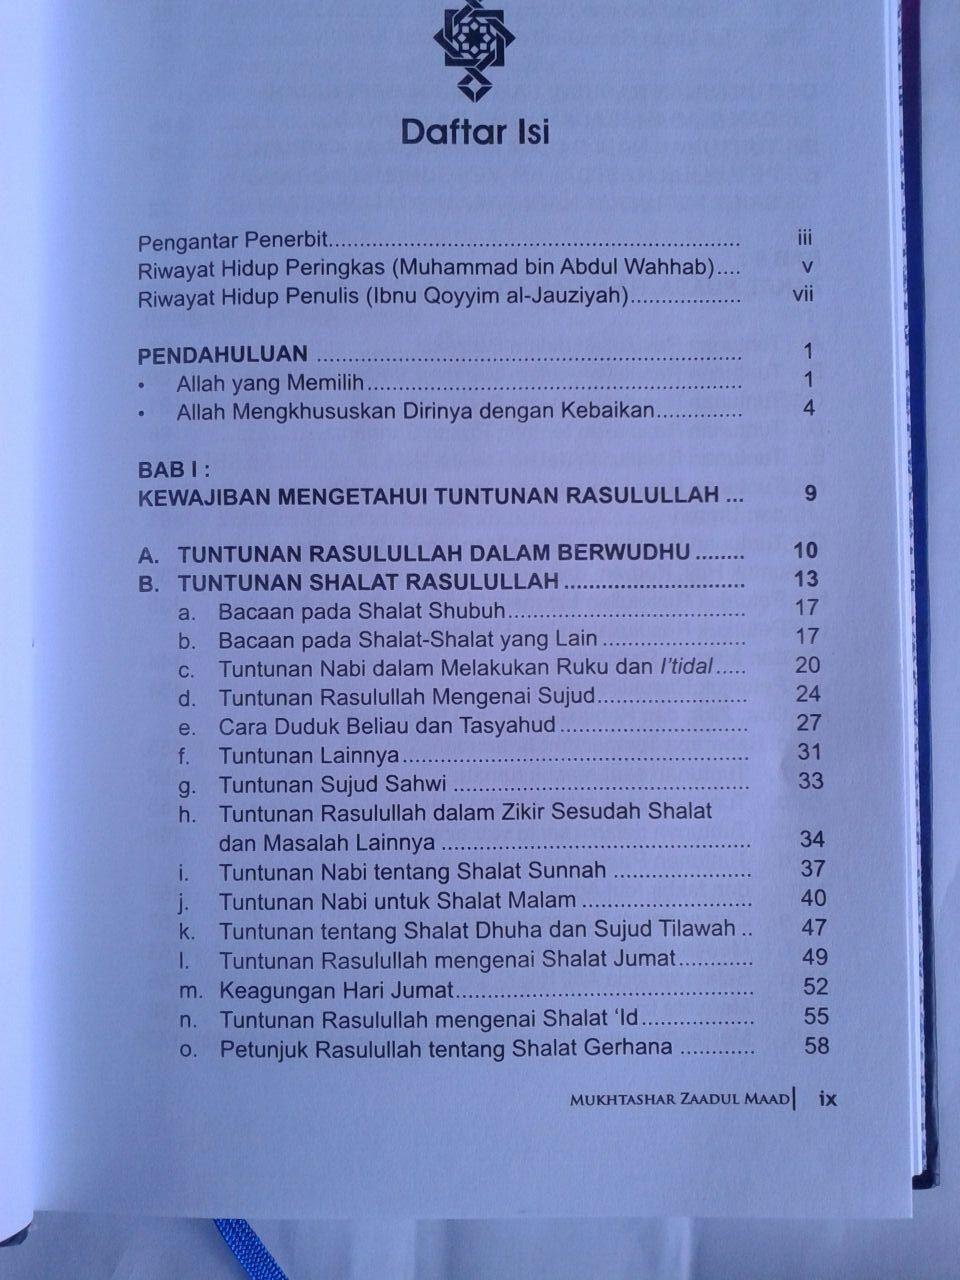 Buku Mukhtashar Zaadul Maad Bekal Hidup Muslim isi